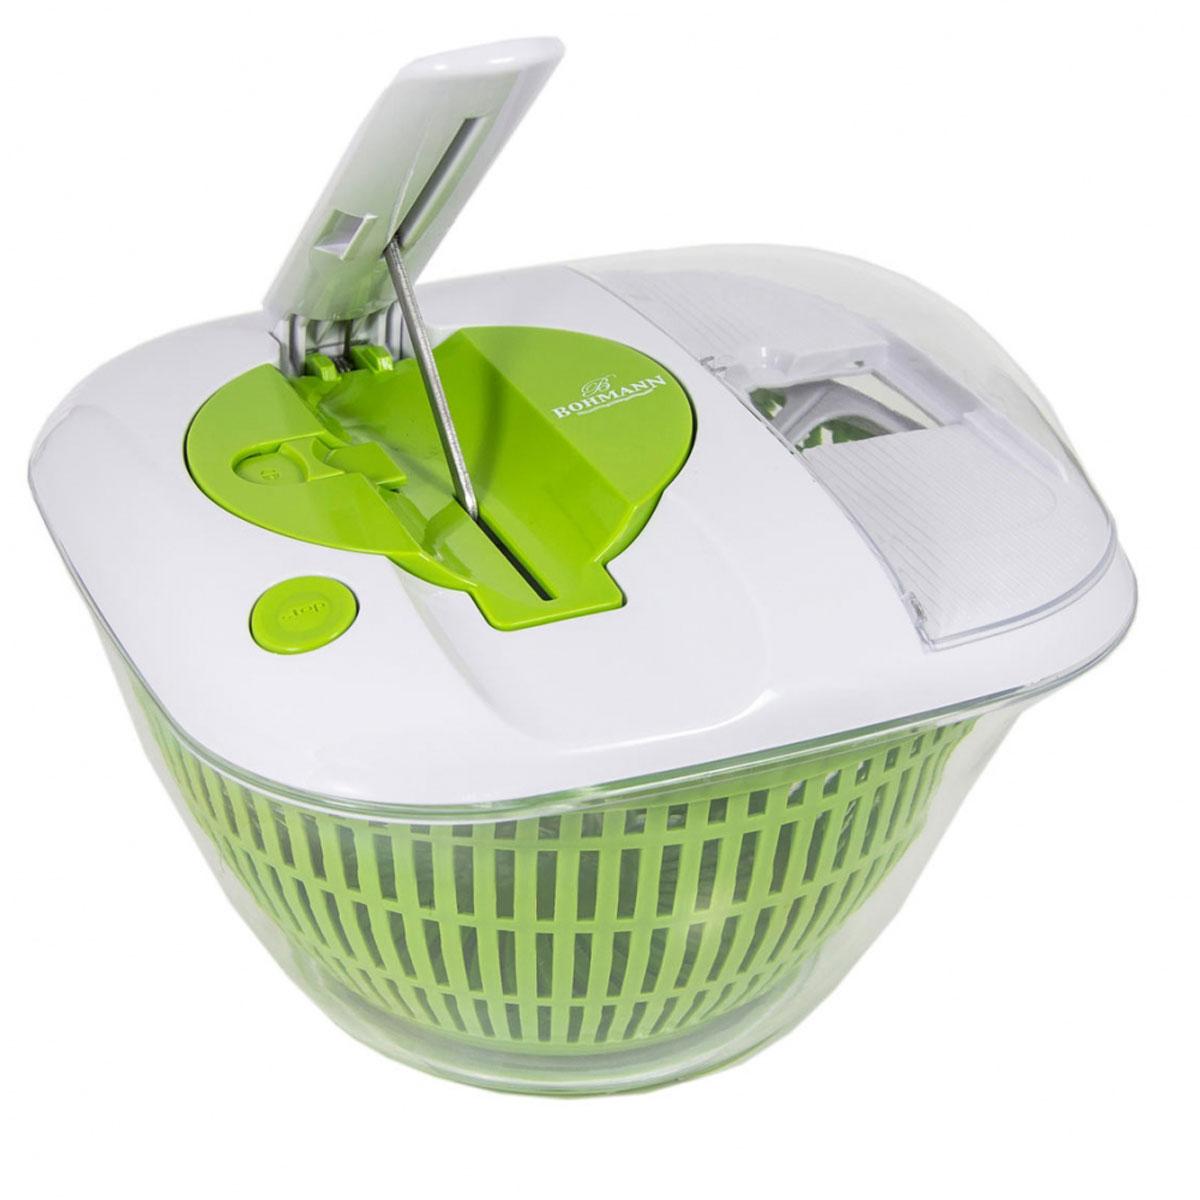 Сушилка для овощей Bohmann, со встроенным слайсером, 5 лFS-91909Сушилка для овощей со встроенным слайсером. Включает порезку на ломтики и мелкие кусочки. С волнистыми режущими лезвиями. Защитная рукоятка. Прочная полистерольная миска. Можно мыть в посудомоечной машине. Система АБС. Моет, перемешивает, сервирует - все в одном.Объем: 5 л.